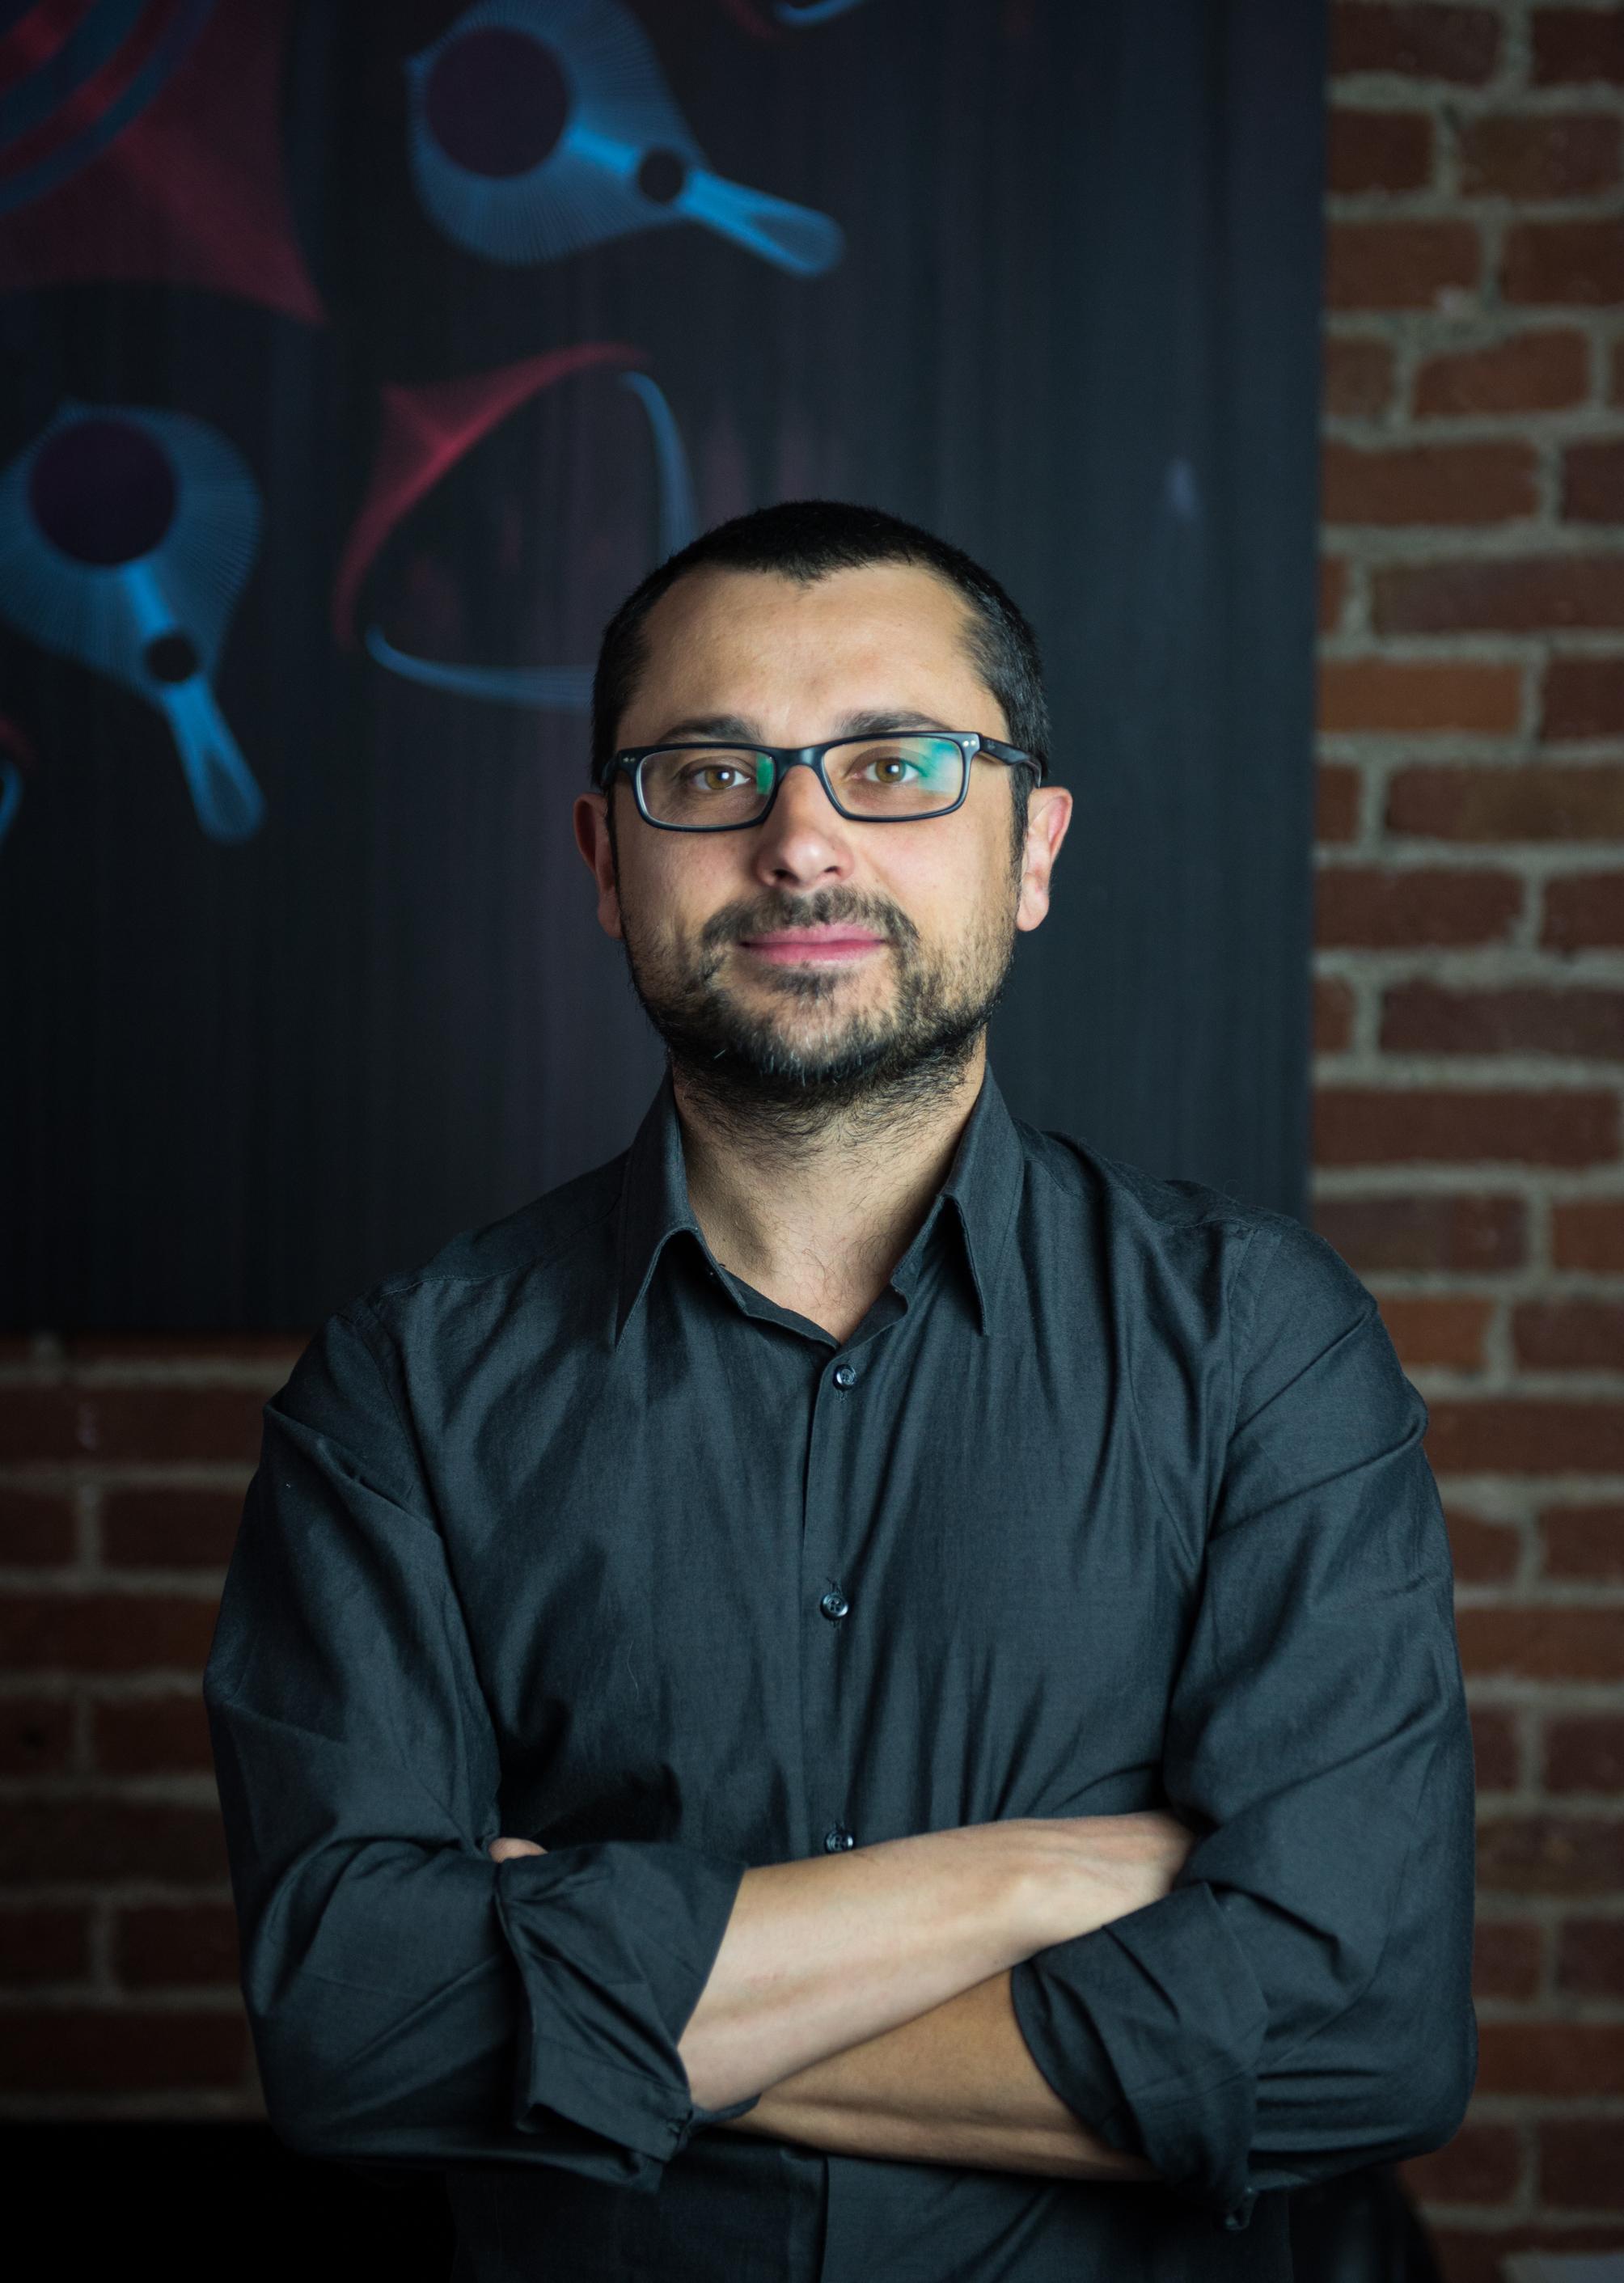 Riccardo Corn79 Lanfranco, artista, fondatore dell'ACU il Cerchio e le Gocce e  direttore artistico di importanti progetti legati alle culture urbane